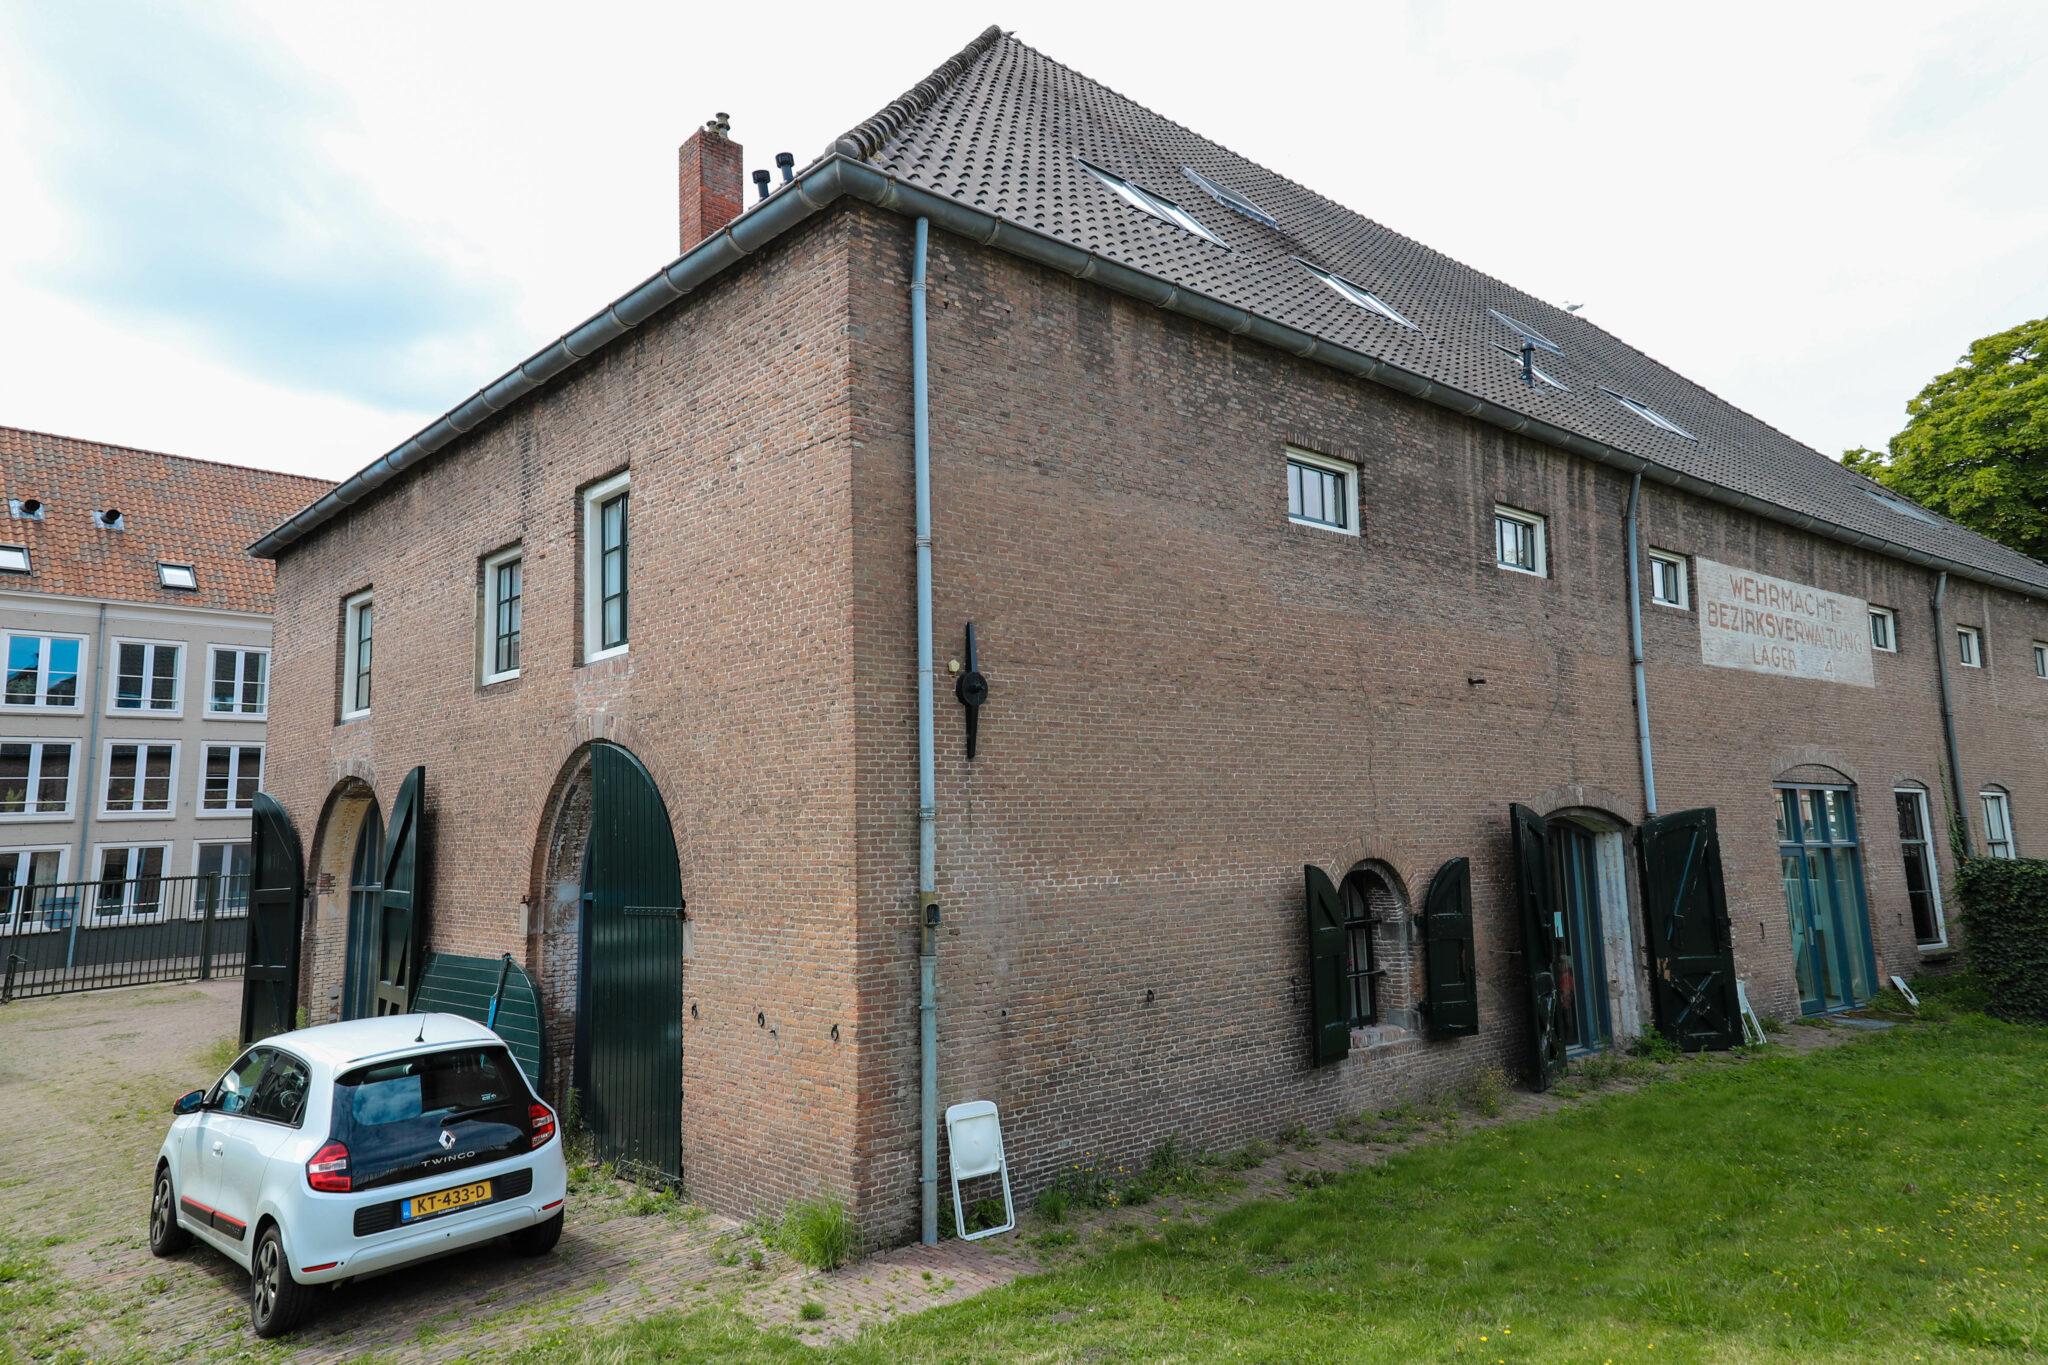 Duits gebouw (3) klein arsenaal